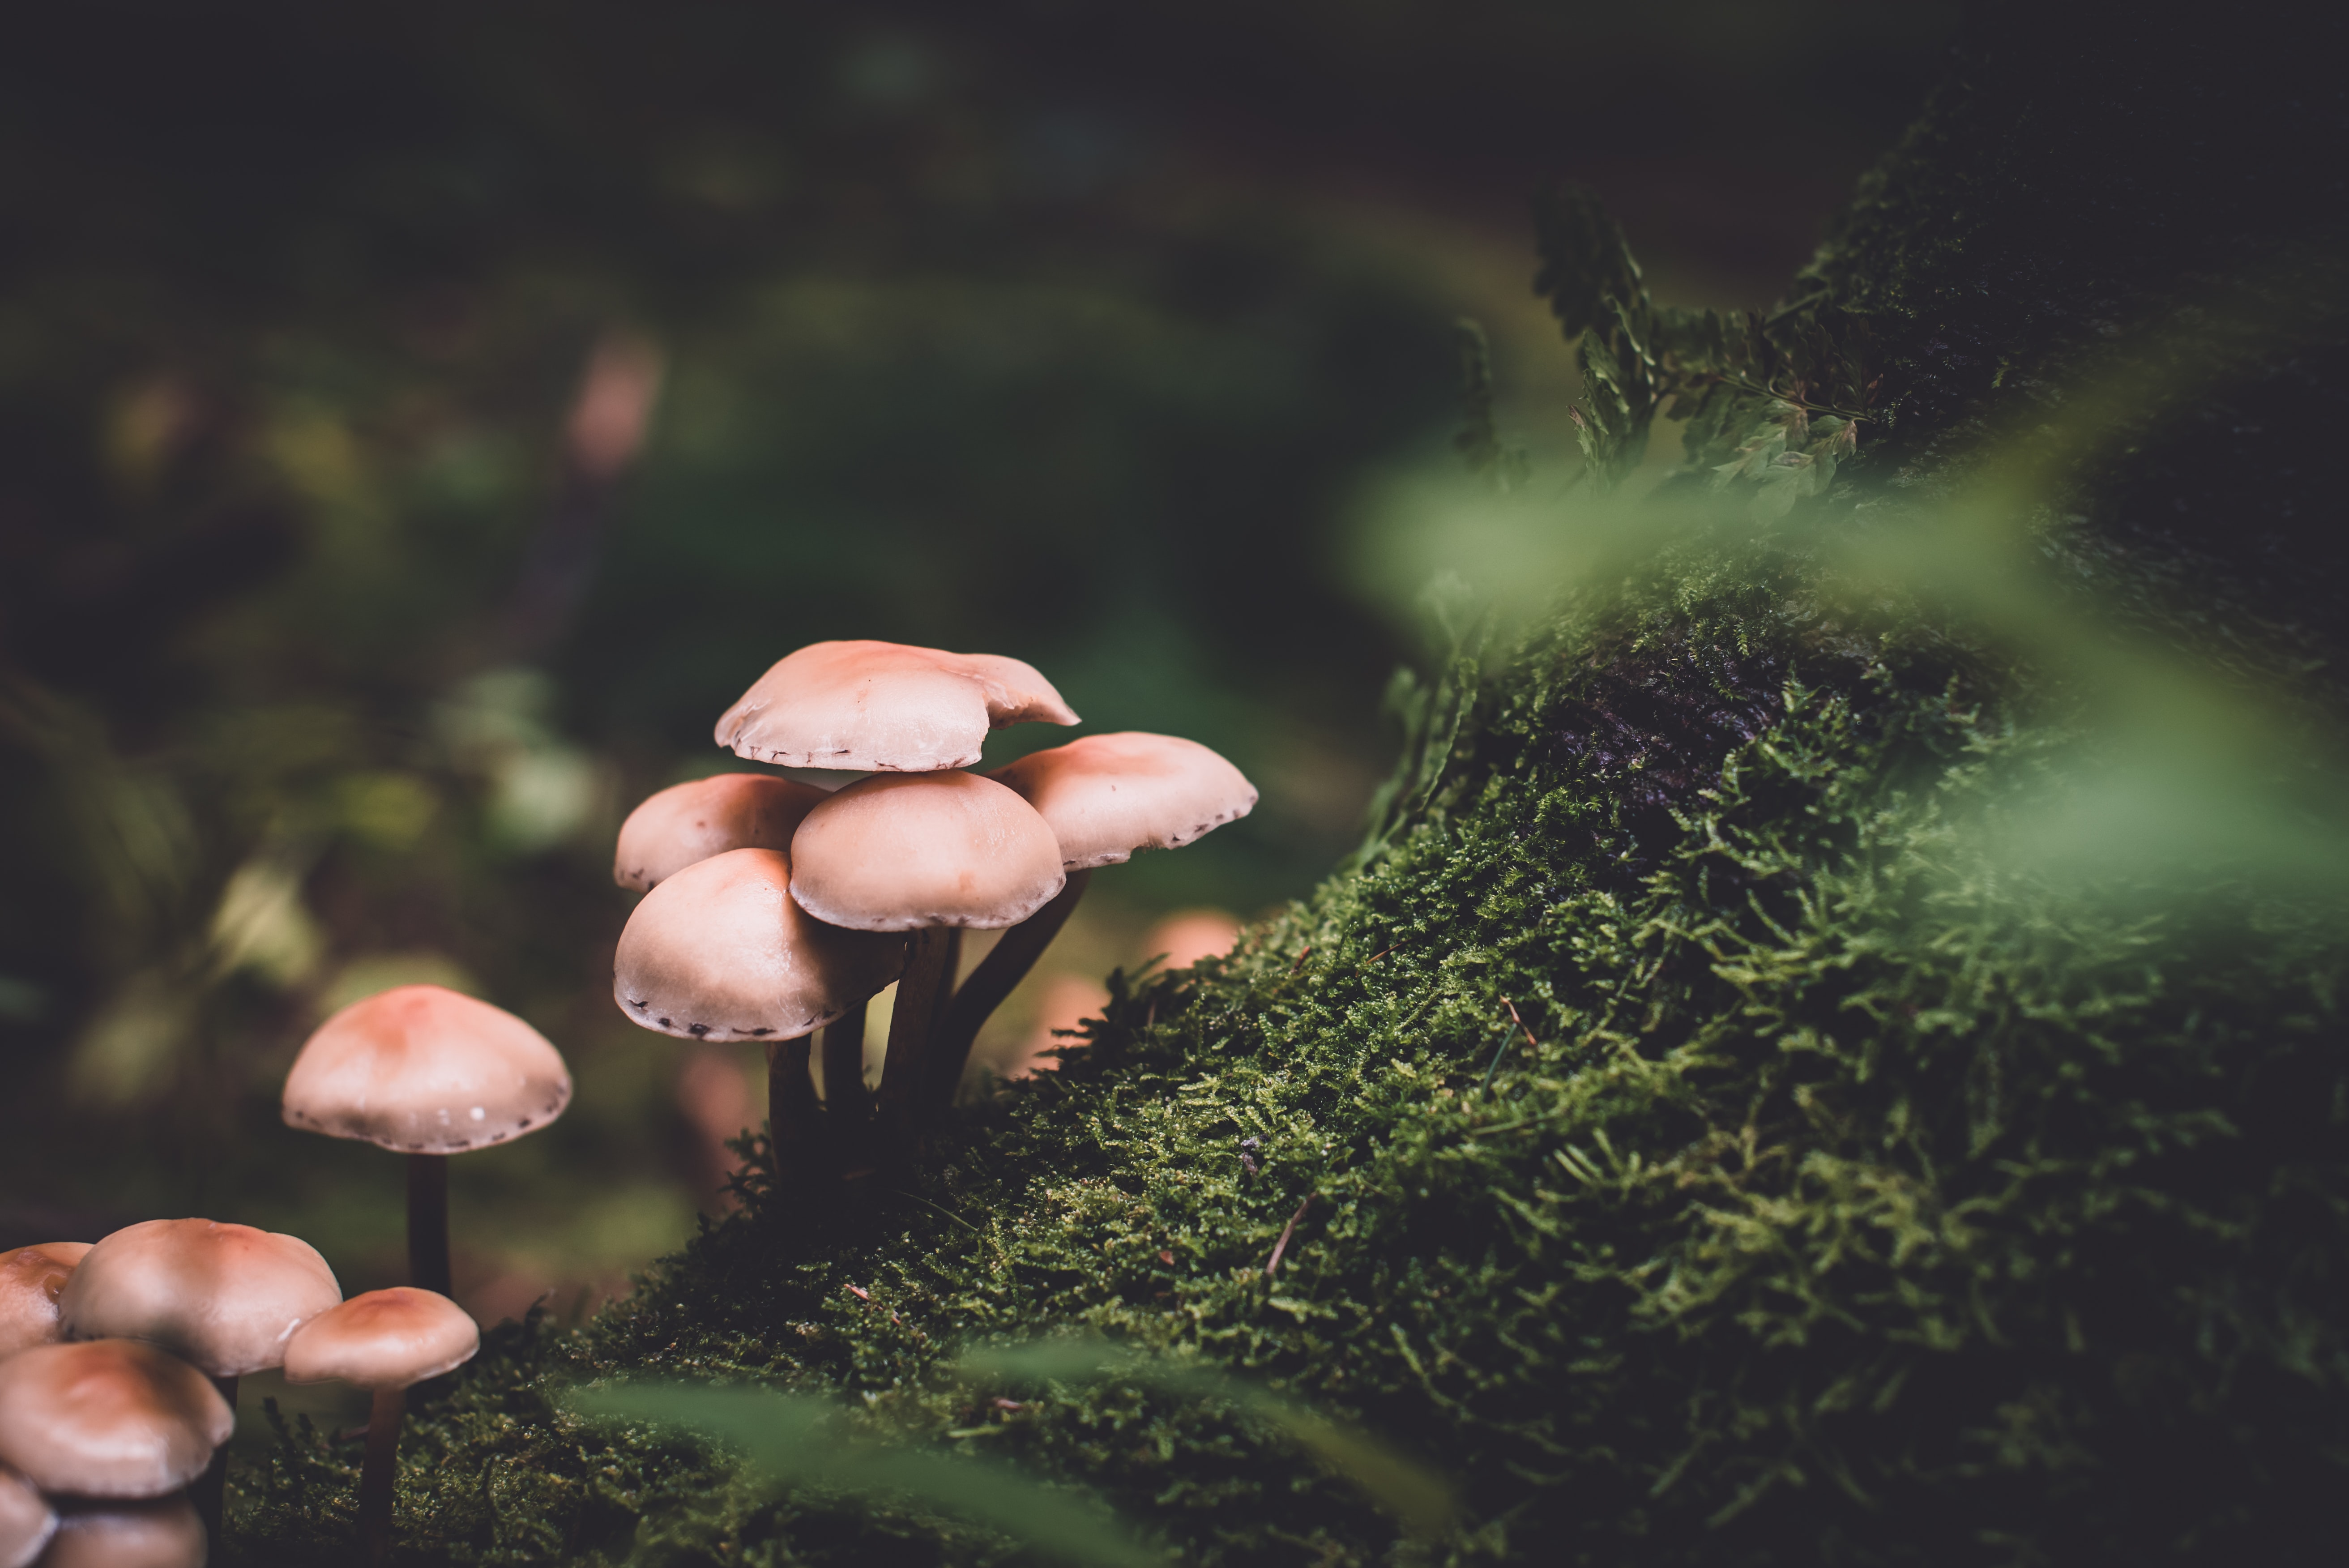 הפטריות שמסייעות לעצים לגדול